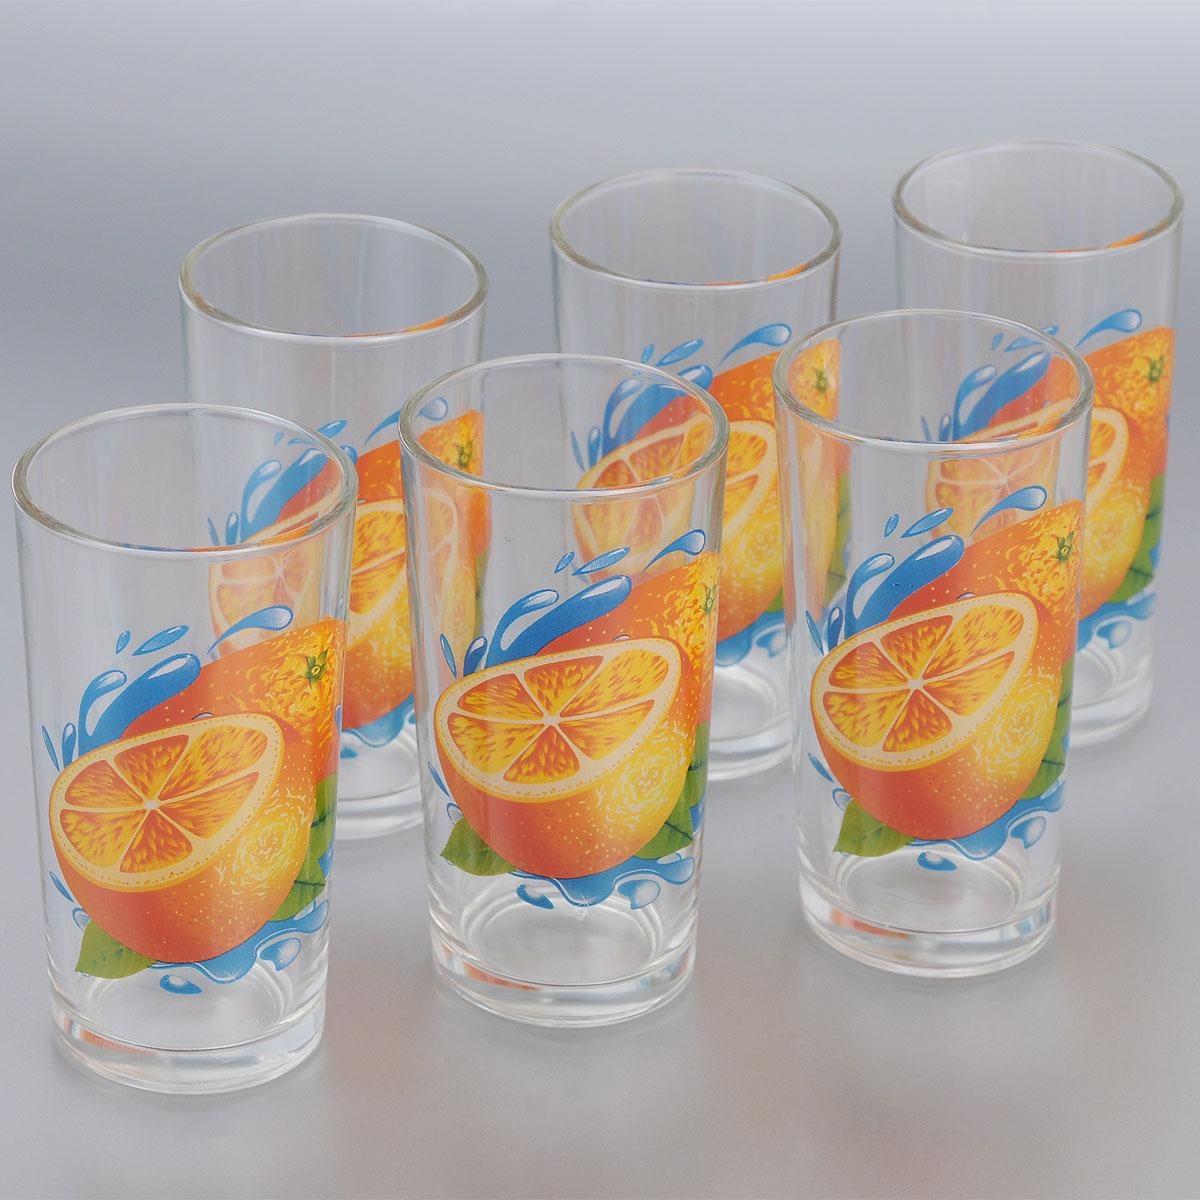 Набор стаканов ОСЗ Апельсин, 230 мл, 6 шт05С1256 ДЗ У АпКНабор ОСЗ Апельсин состоит из шести высоких стаканов, выполненных из прочного натрий-кальций-силикатного стекла. Изделия украшены красочным рисунком в виде апельсинов. Такой набор прекрасно подойдет для воды, сока, молока, лимонада и других напитков. Он ярко дополнит кухонный интерьер и станет практичным и полезным приобретением. Диаметр стакана: 6,5 см. Высота стакана: 12,5 см.